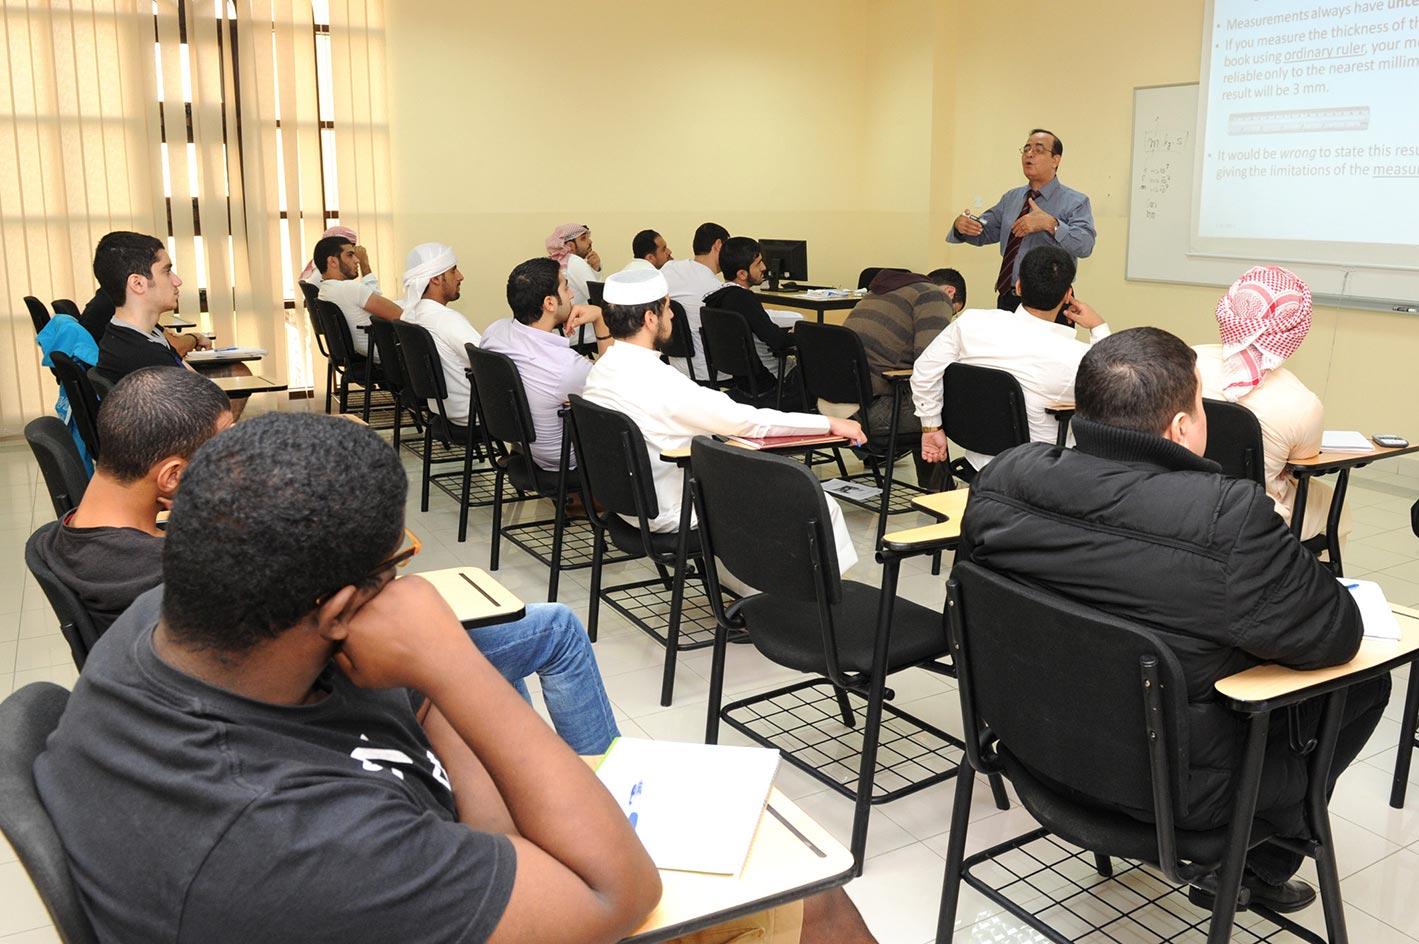 جامعة أبوظبي تطرح برامج أكاديمية ومشاريع بحثية جديدة خلال الفصل الدراسي الثاني